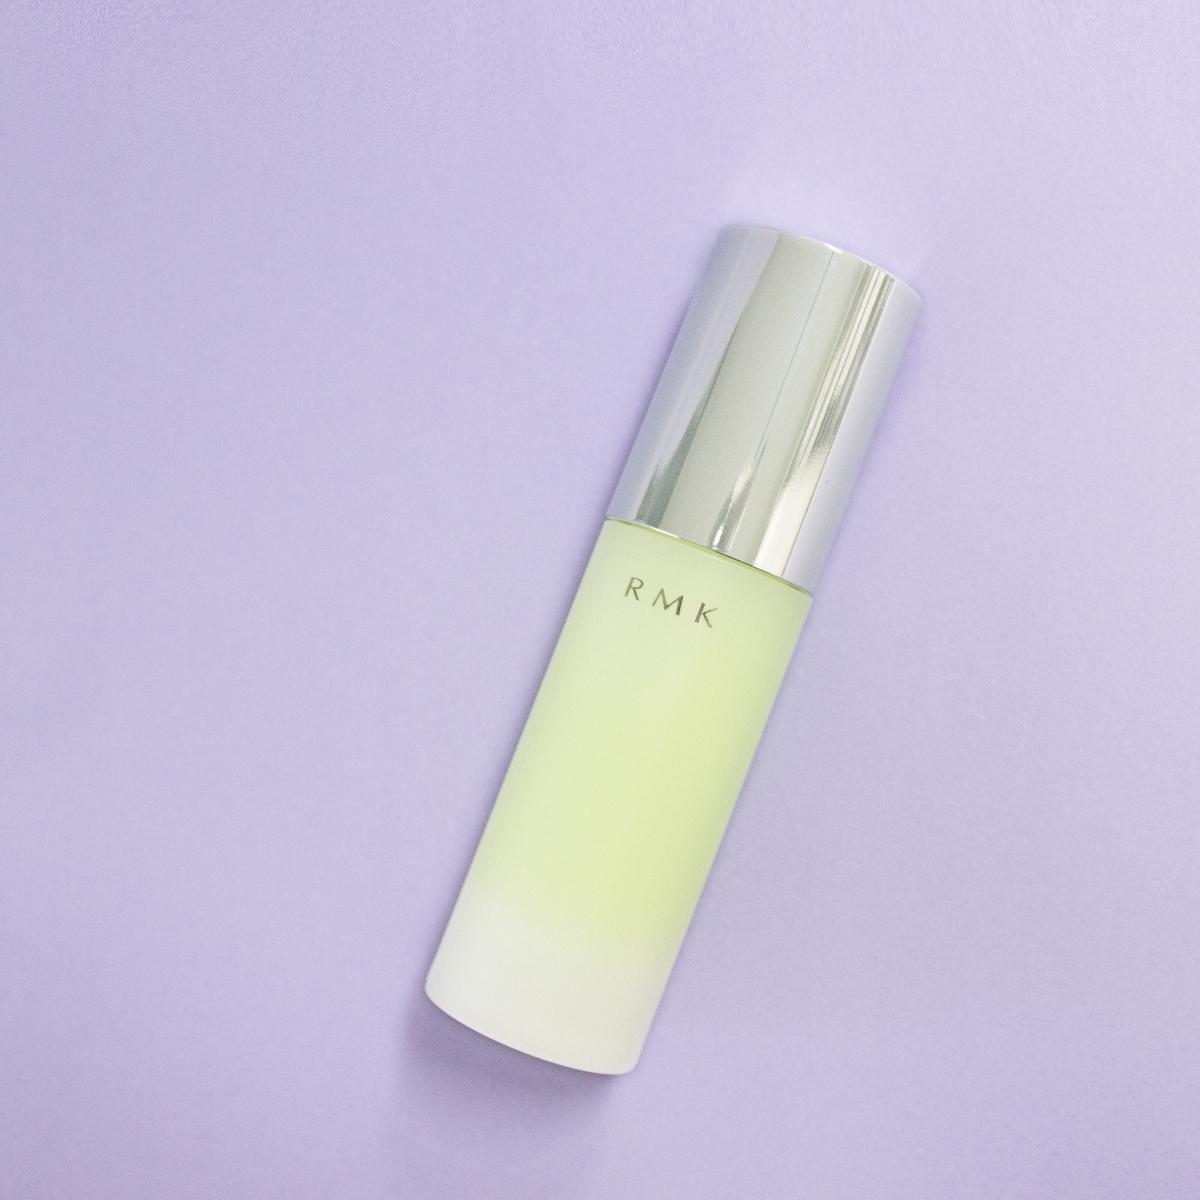 【BASE】メントール効果で清涼感を感じながら、肌をキュッと引き締める下地